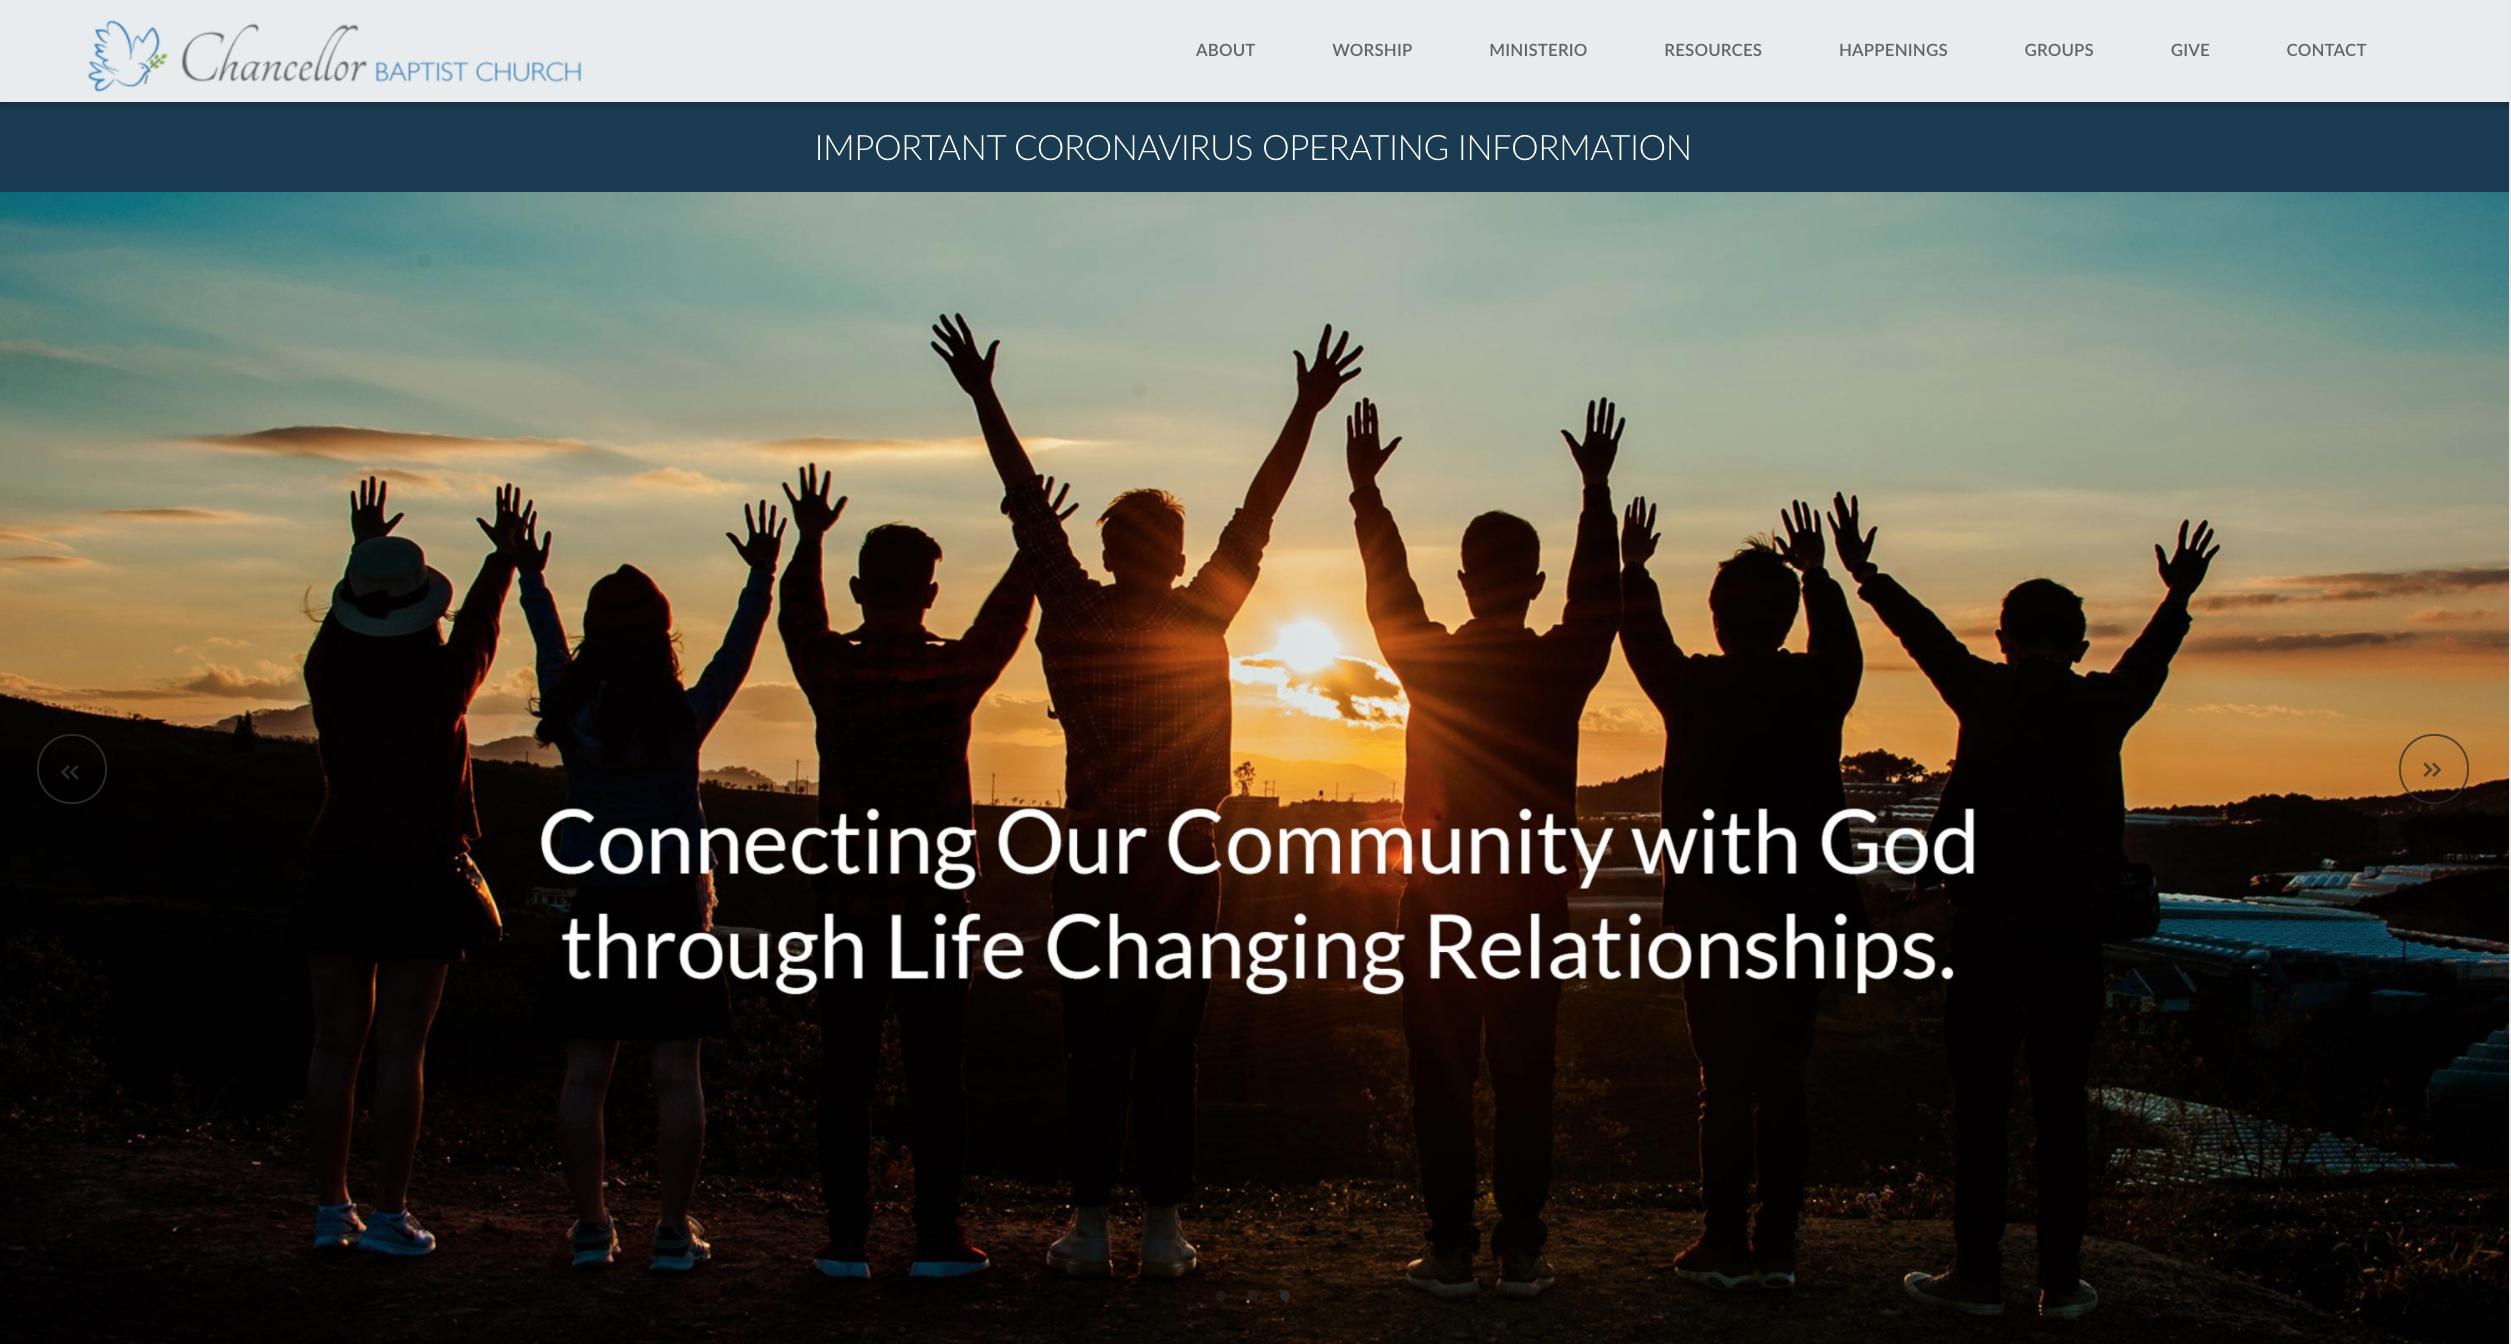 Chancellor Baptist Church Website